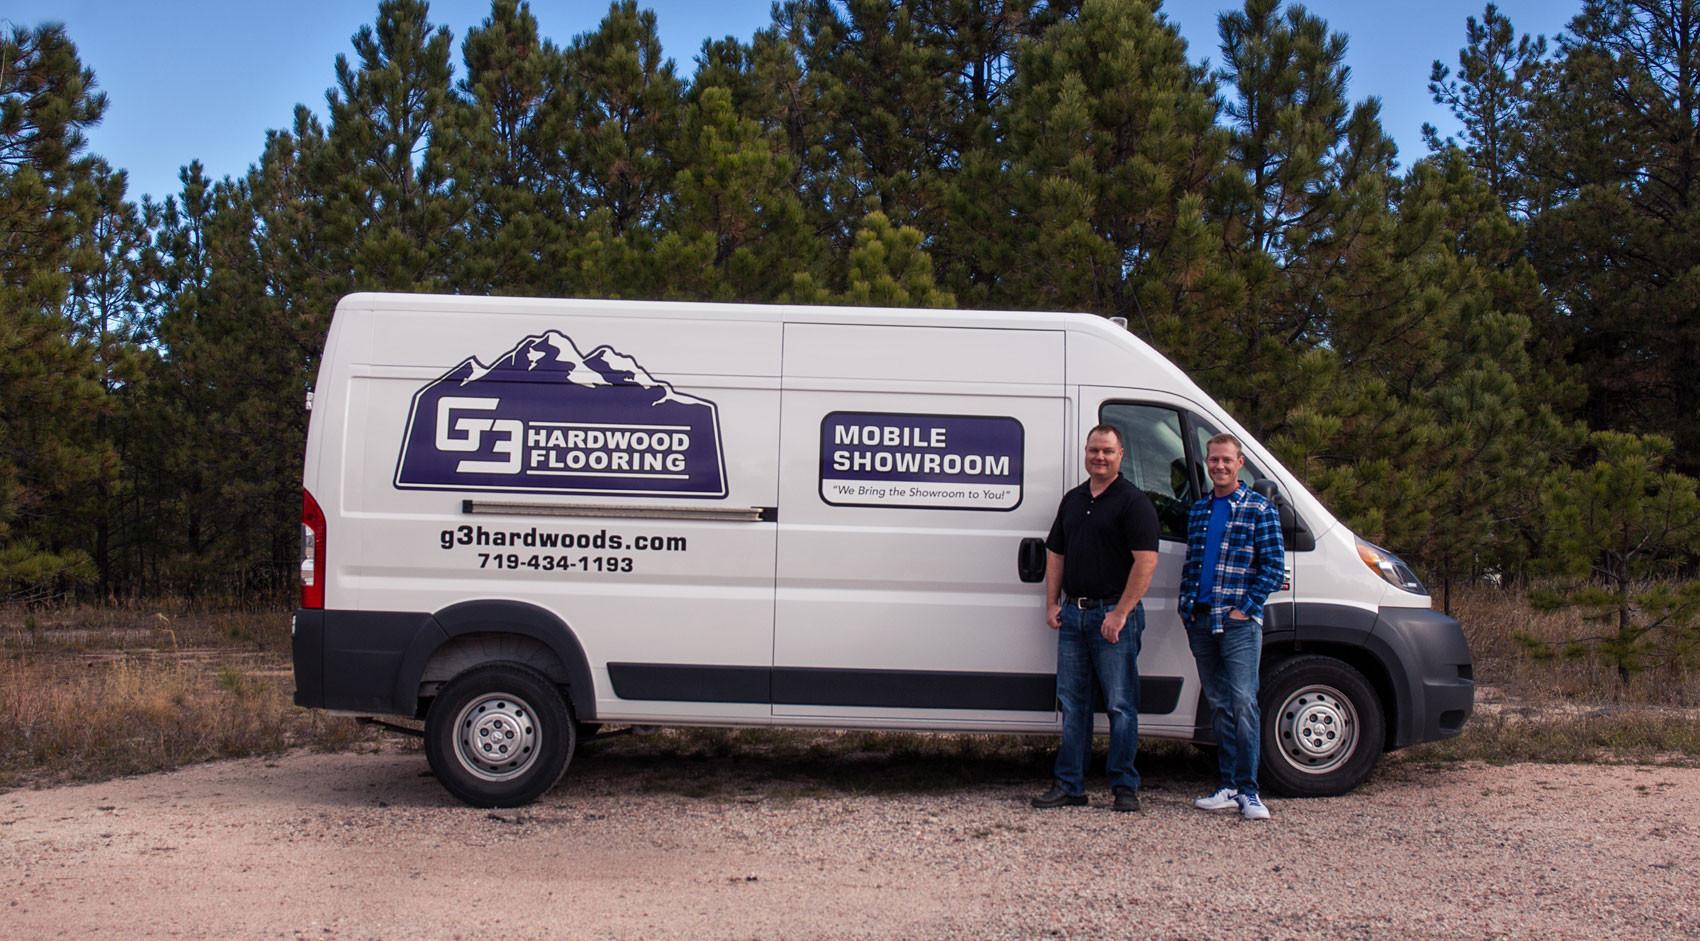 13 Stylish Hardwood Floor Repair Colorado Springs 2021 free download hardwood floor repair colorado springs of about us g3 hardwood flooring in g3 hardwood flooring